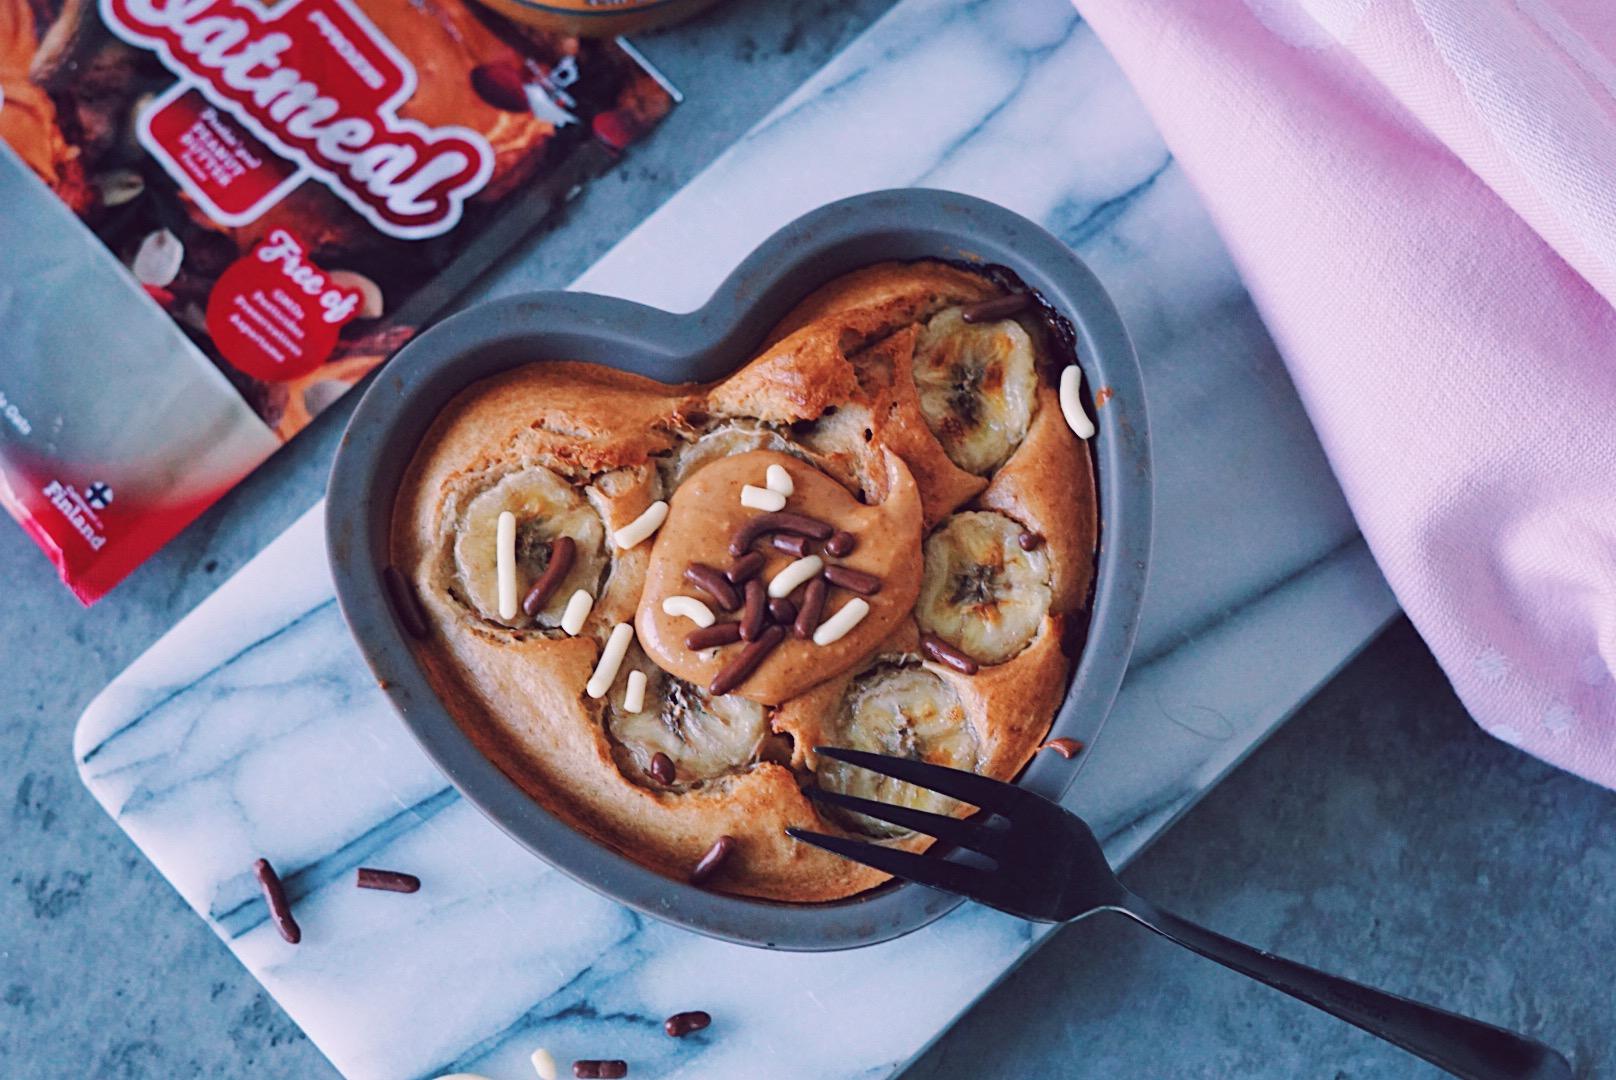 Ovenbaked peanutbutter oats ontbijt in hartjes bakvorm van bovenaf